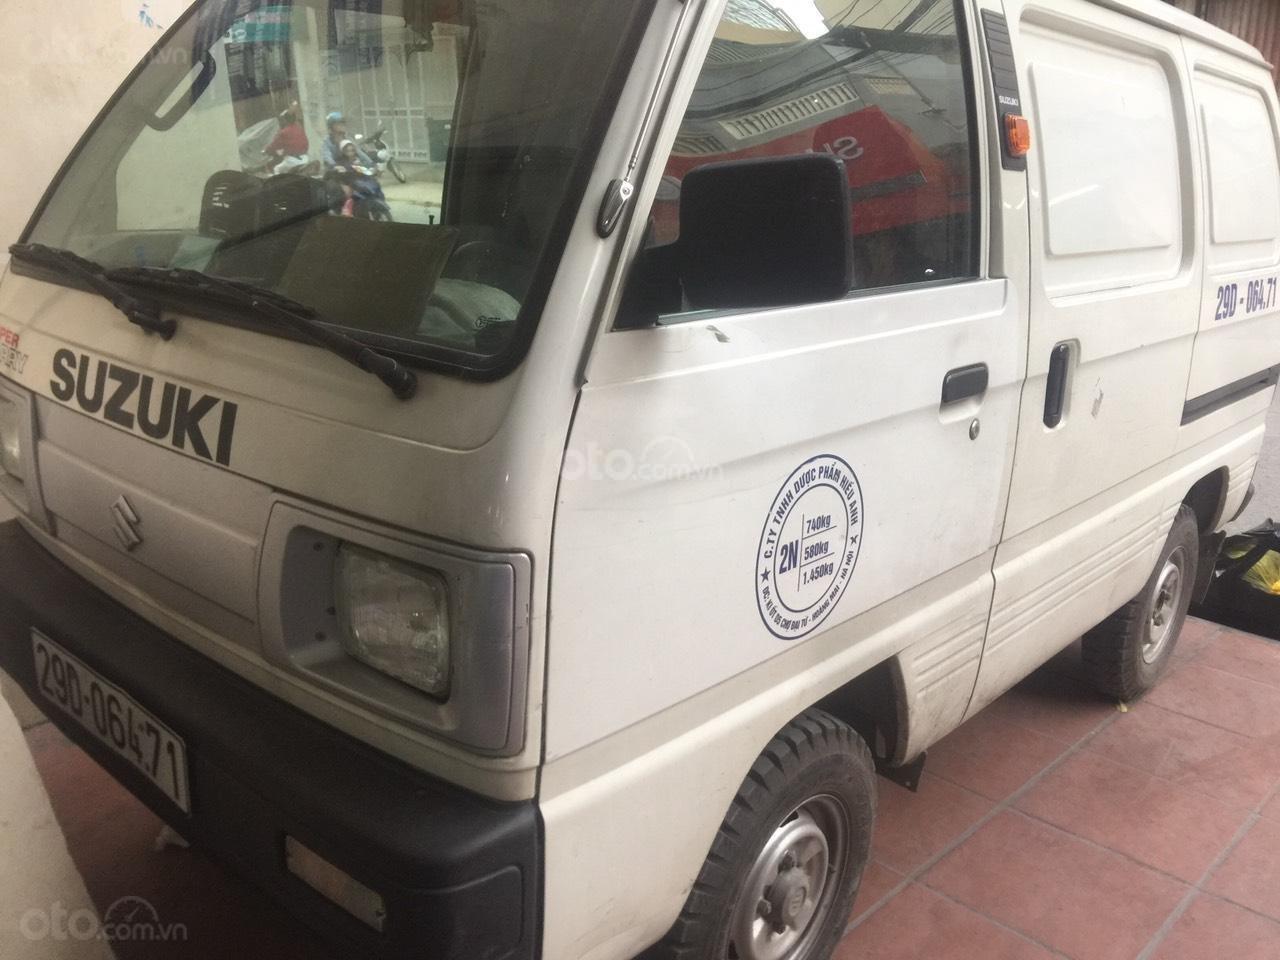 Bán Suzuki Super Carry Van sản xuất năm 2014, xe chở nhẹ, chỉ đi nội thành (3)